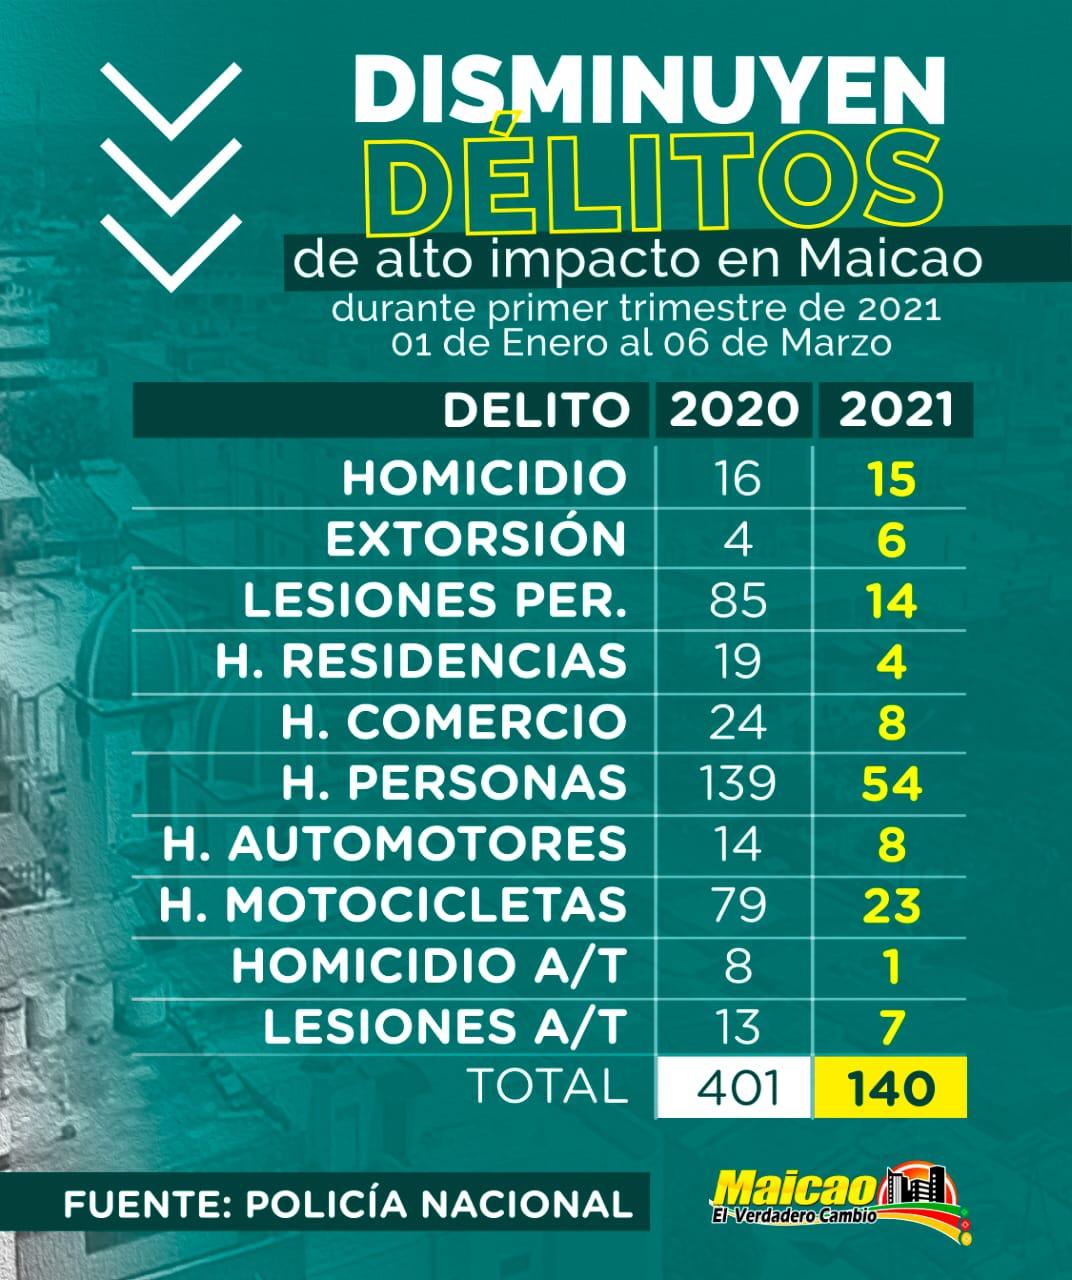 """hoyennoticia.com, """"Delitos de alto impacto disminuyeron en Maicao"""""""